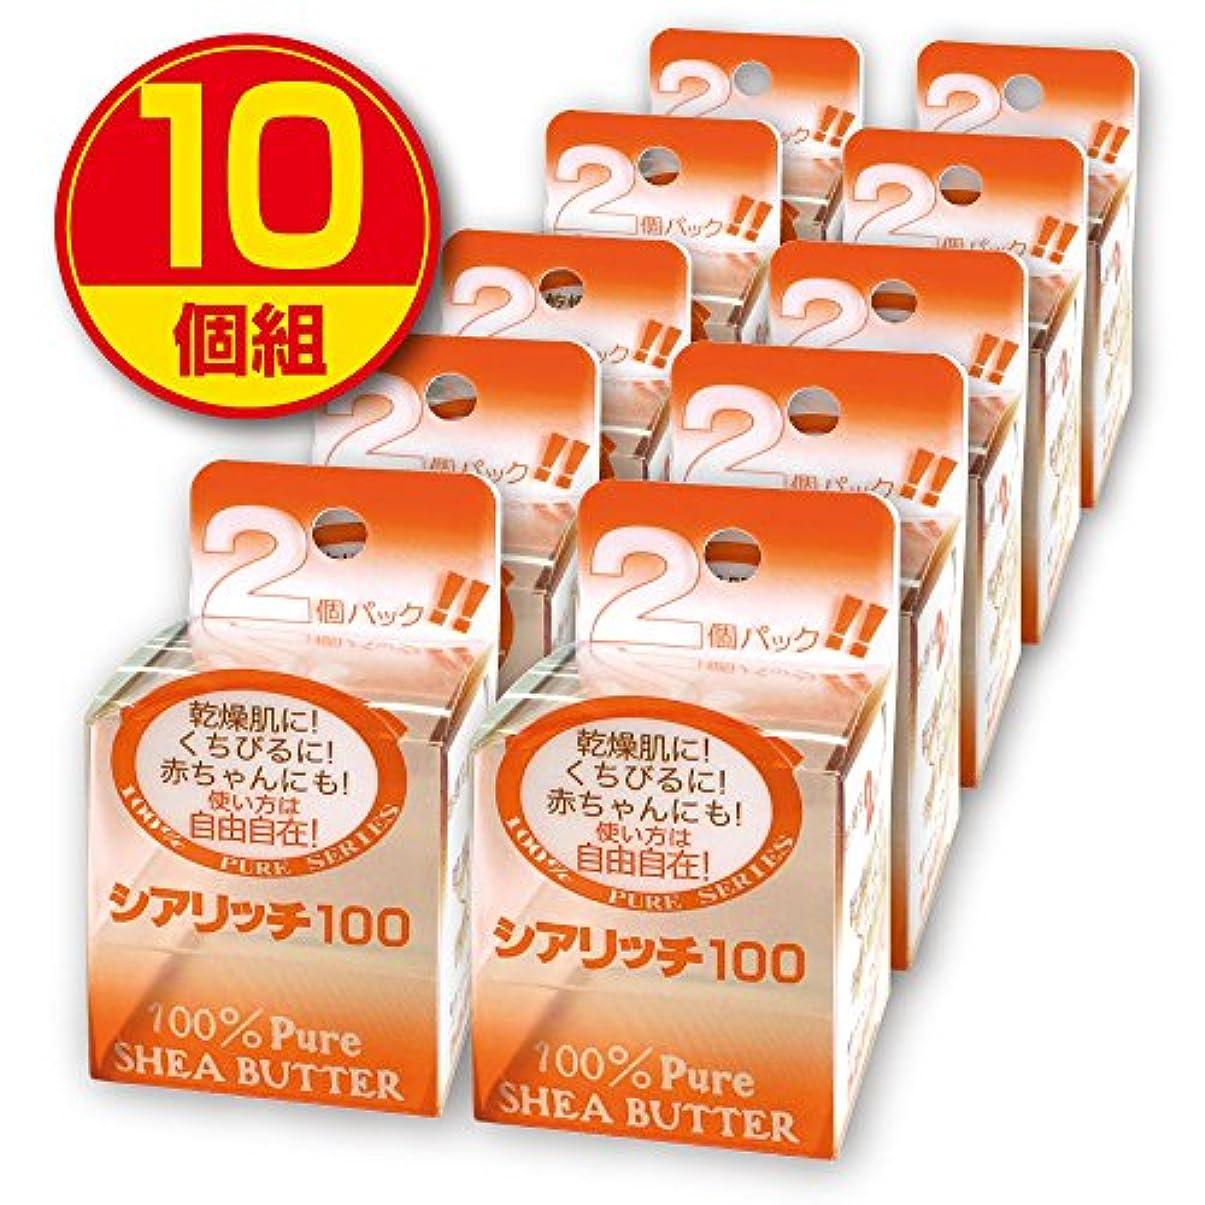 刺す灌漑誘う日本天然物研究所 シアリッチ100 (8g×2個入り)【10個組】(無添加100%シアバター)無香料